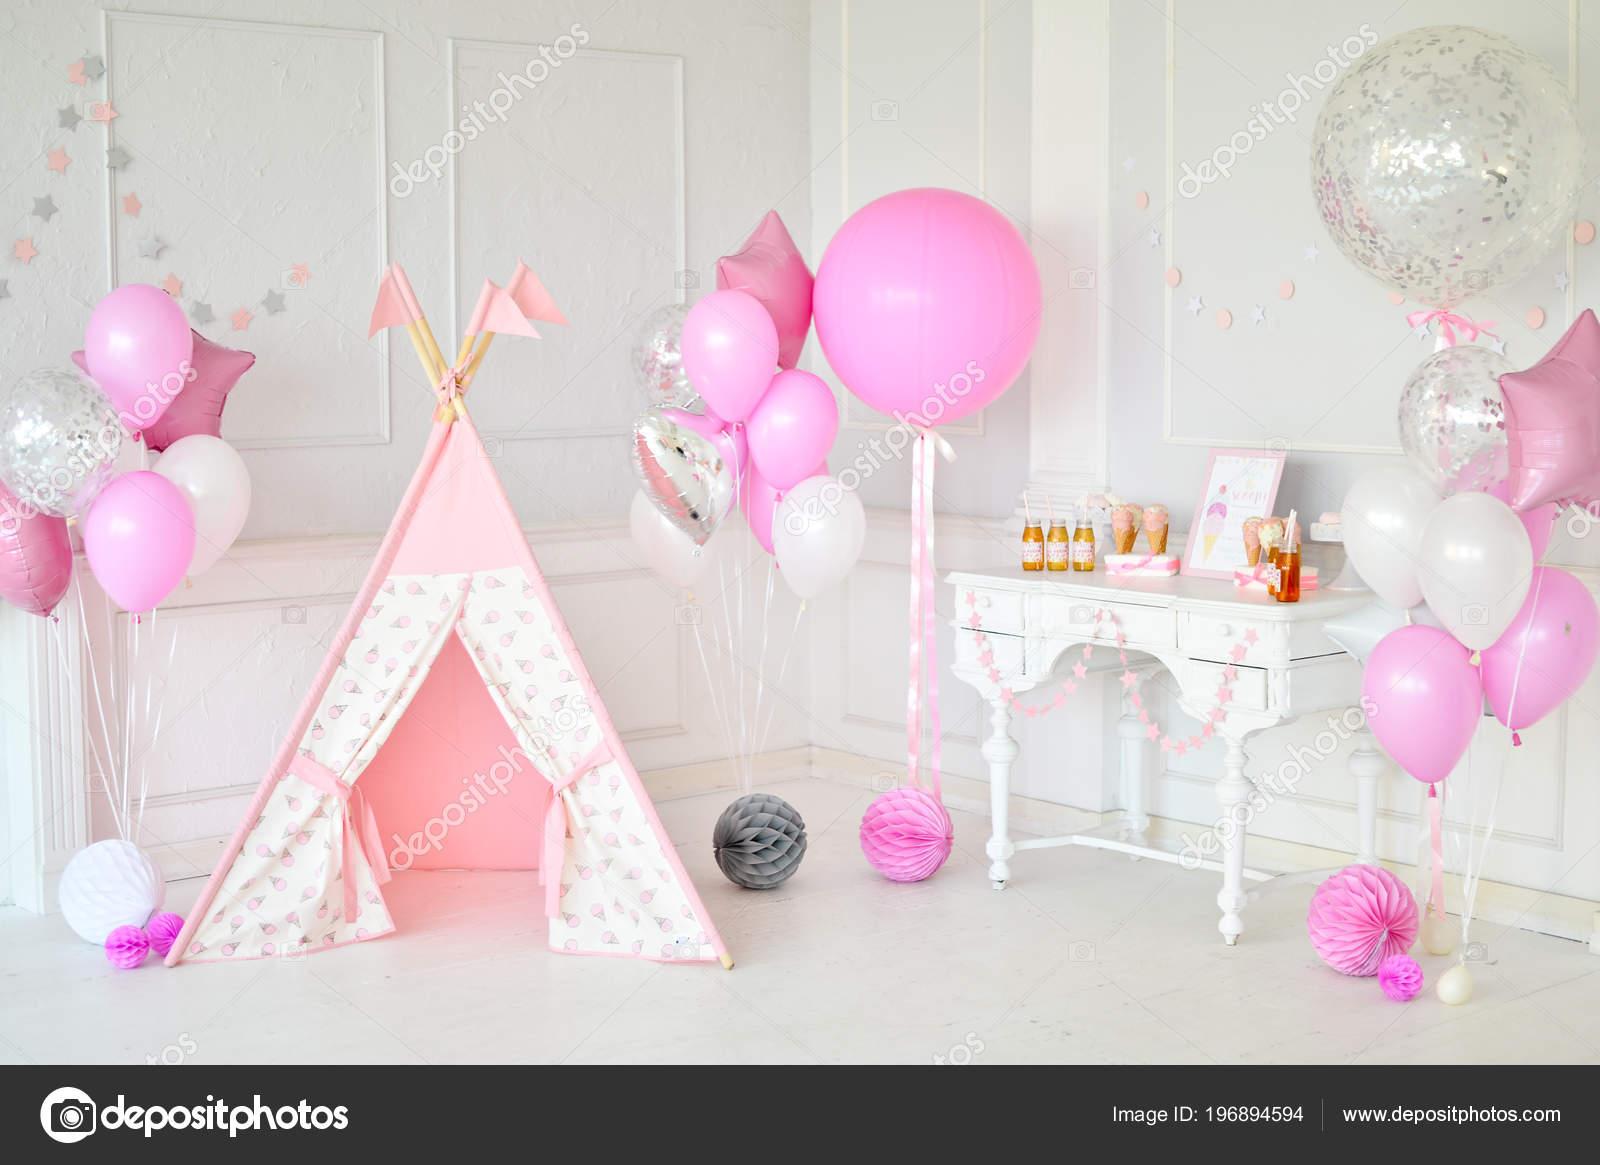 Decorazioni Per Feste Di Compleanno Roma : Decorazioni festa sacco palloncini rosa bianco colori torte festa